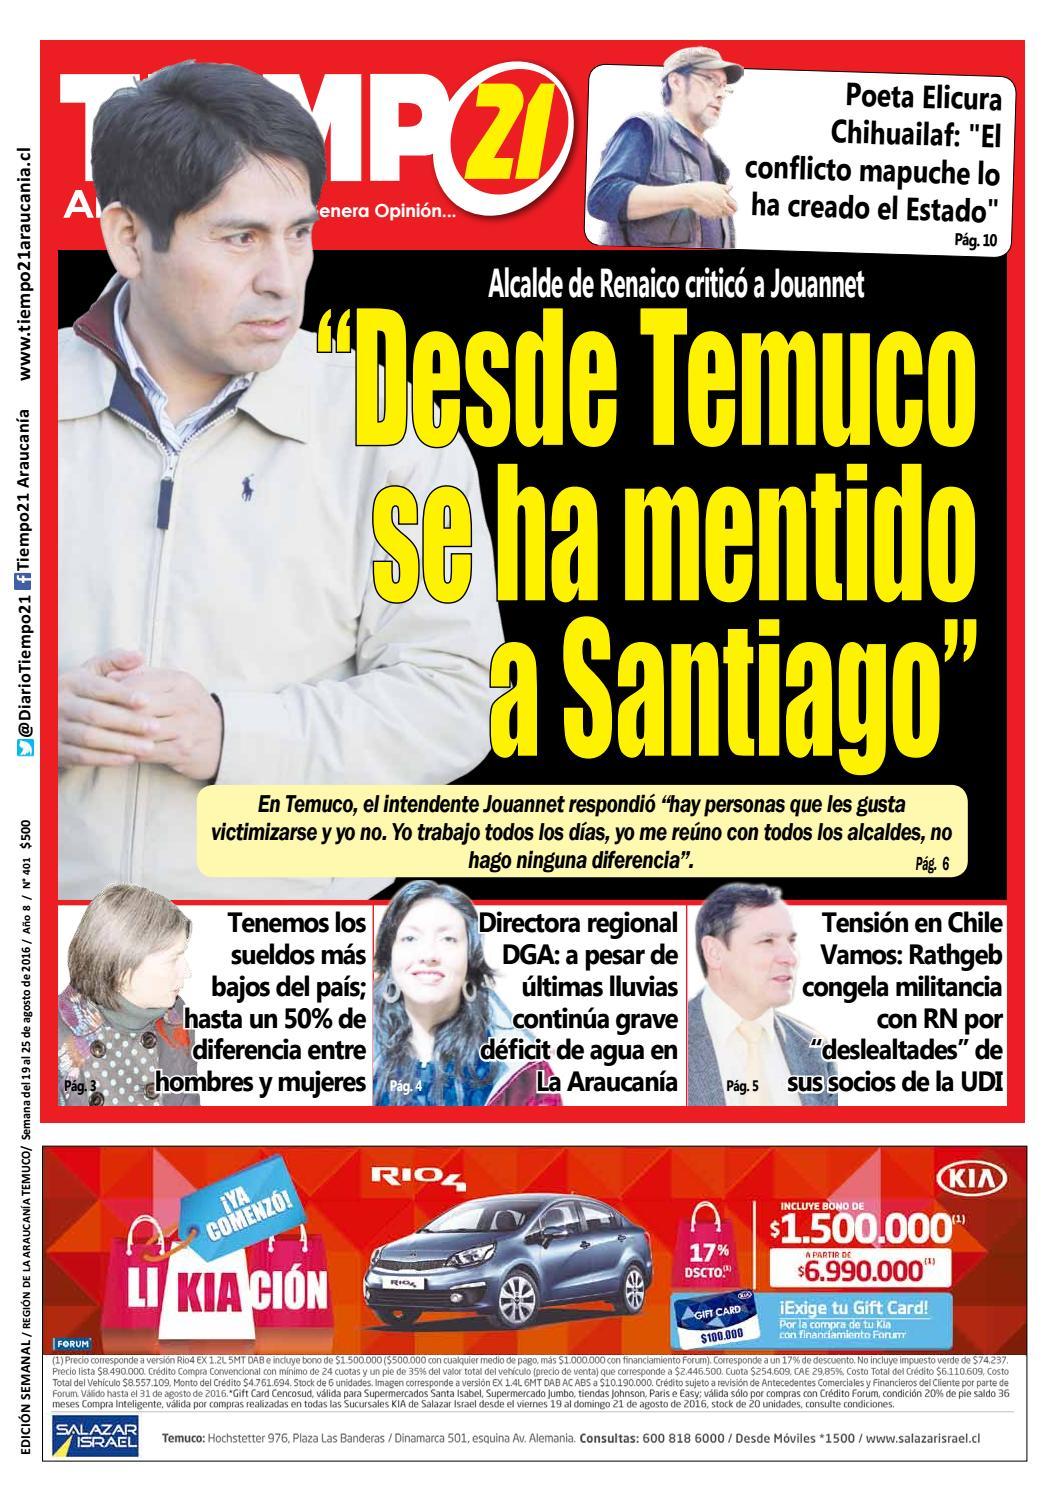 Muebles Jouannet Temuco - Edici N 401 Alcalde De Renaico Critic A Jouannet Desde Temuco [mjhdah]https://image.isu.pub/150828135648-20a6a44f0ebb16ea058fc2e9562d16f3/jpg/page_1.jpg